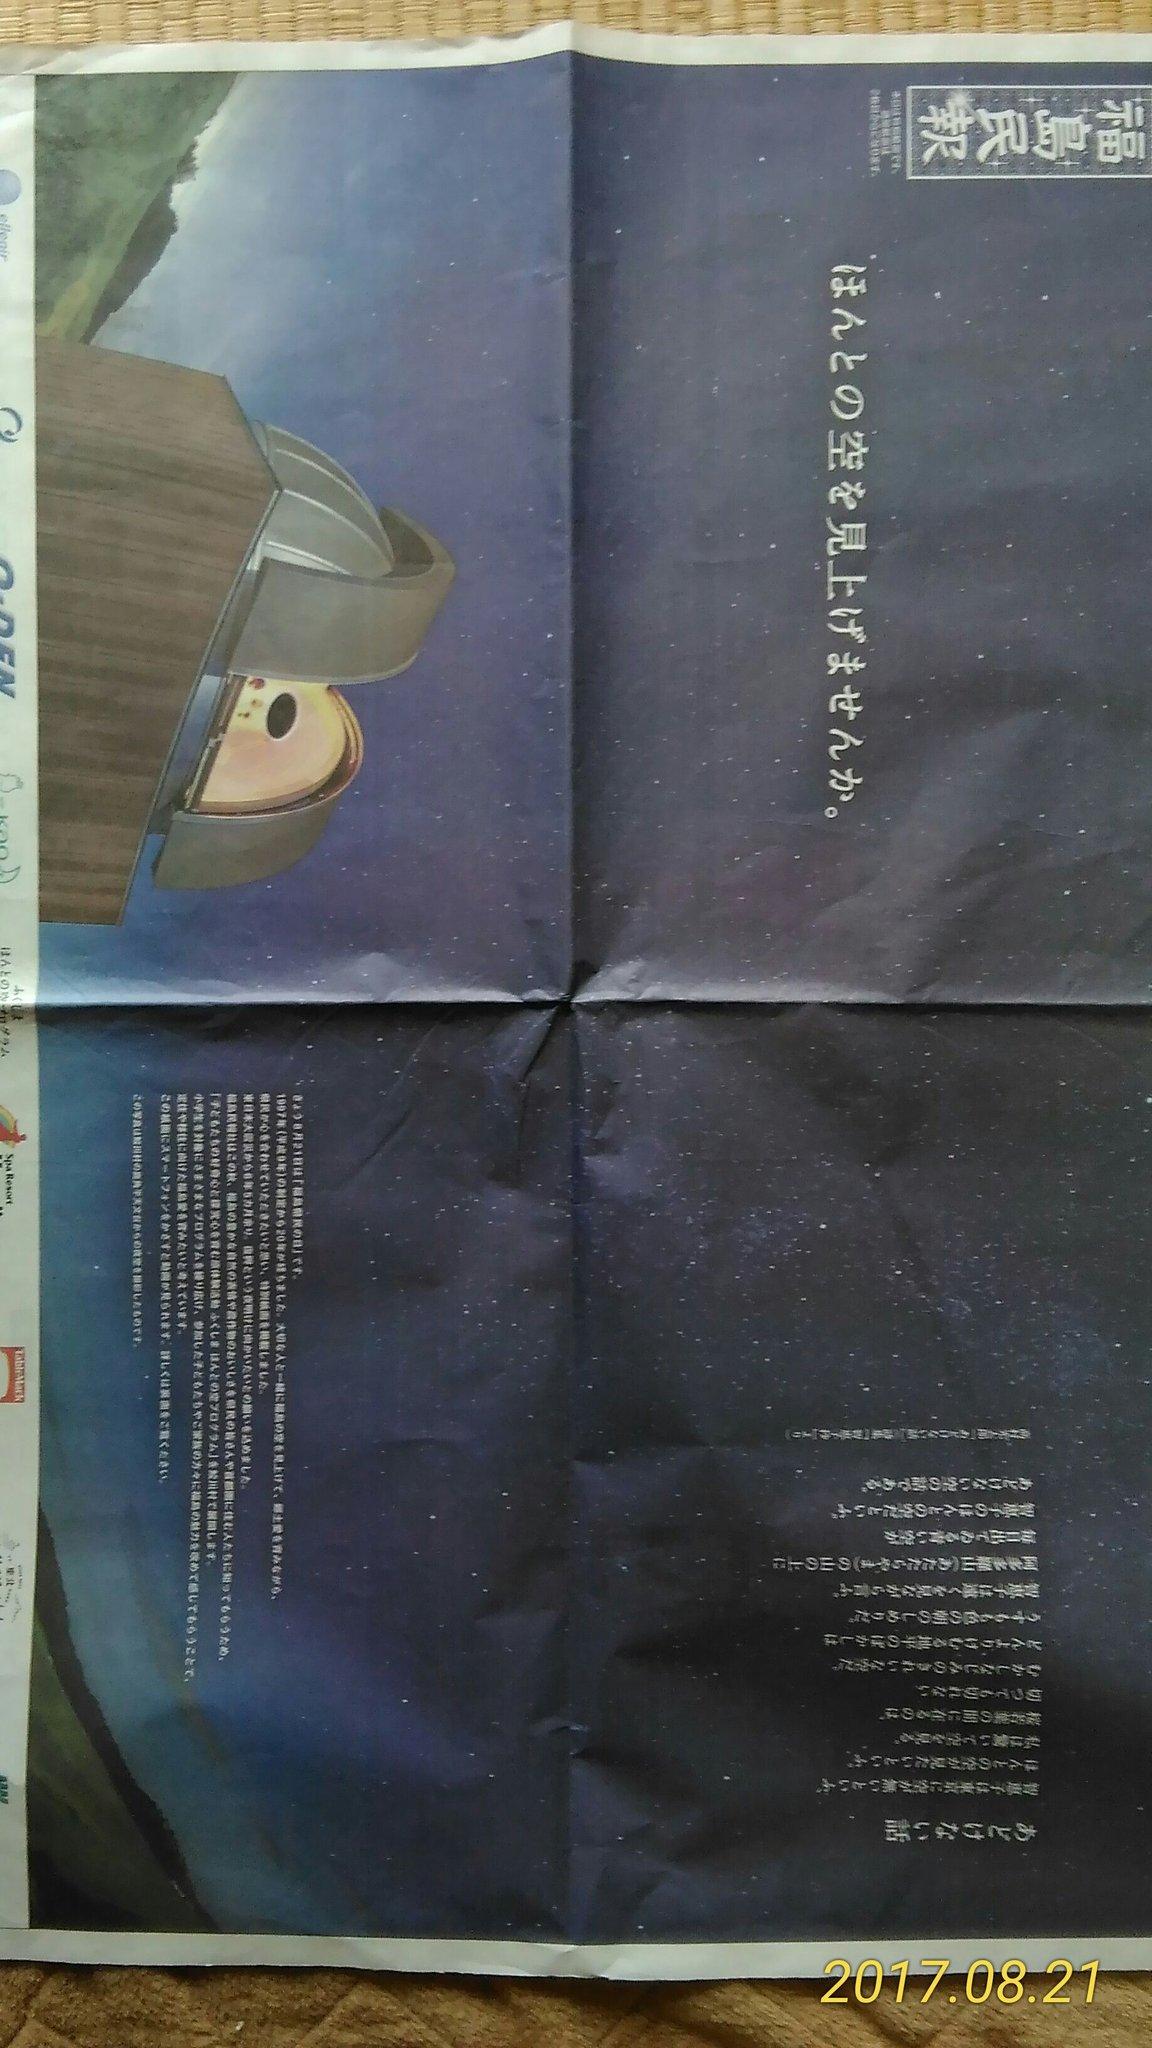 福島民報で月明かりの鹿角平天文台